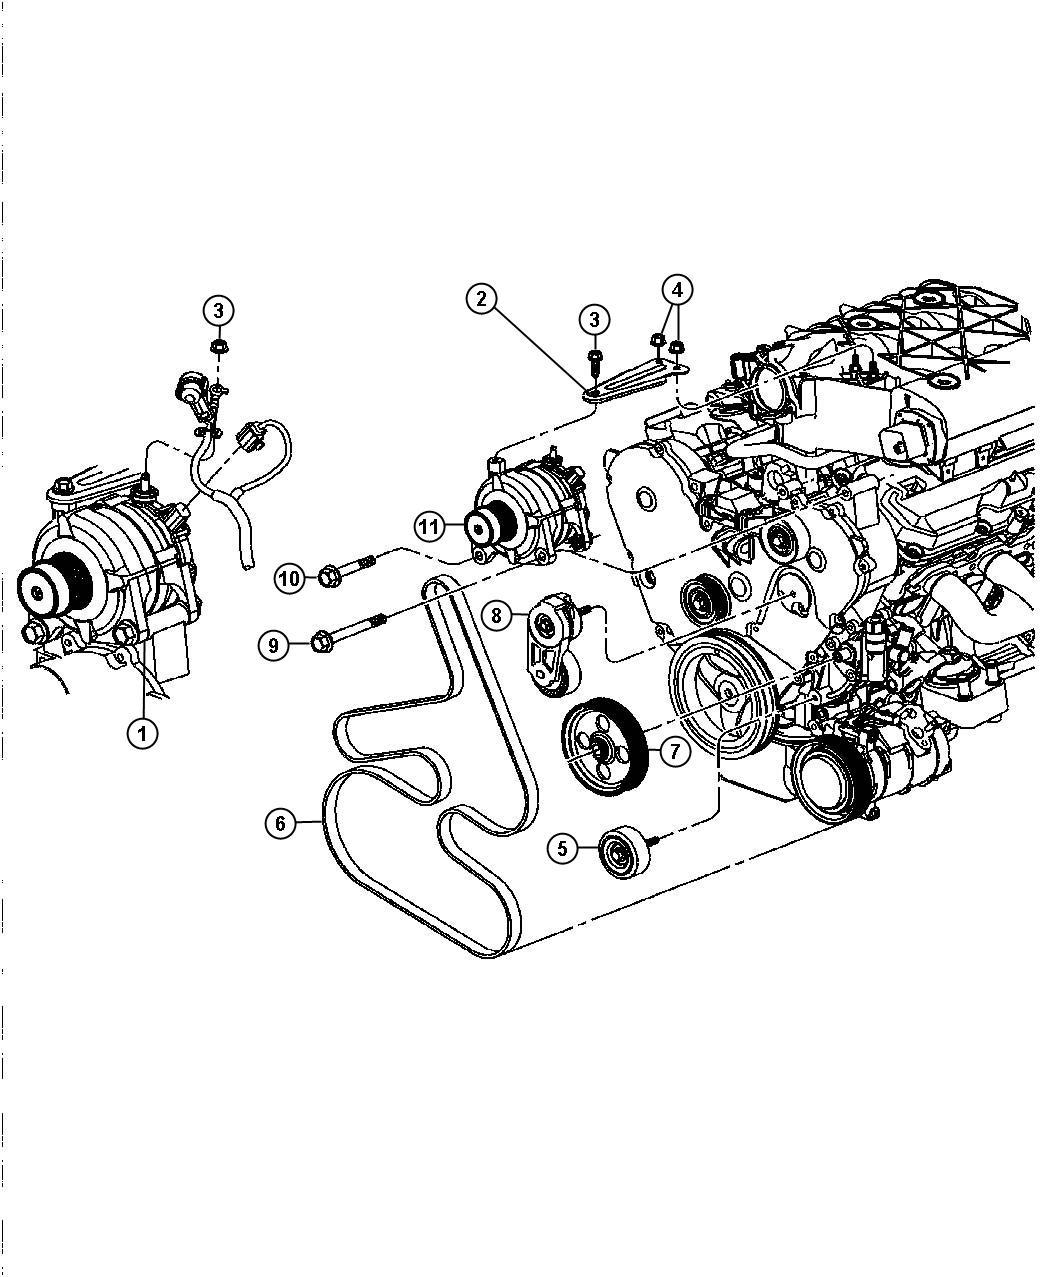 Chrysler Alternator Wiring